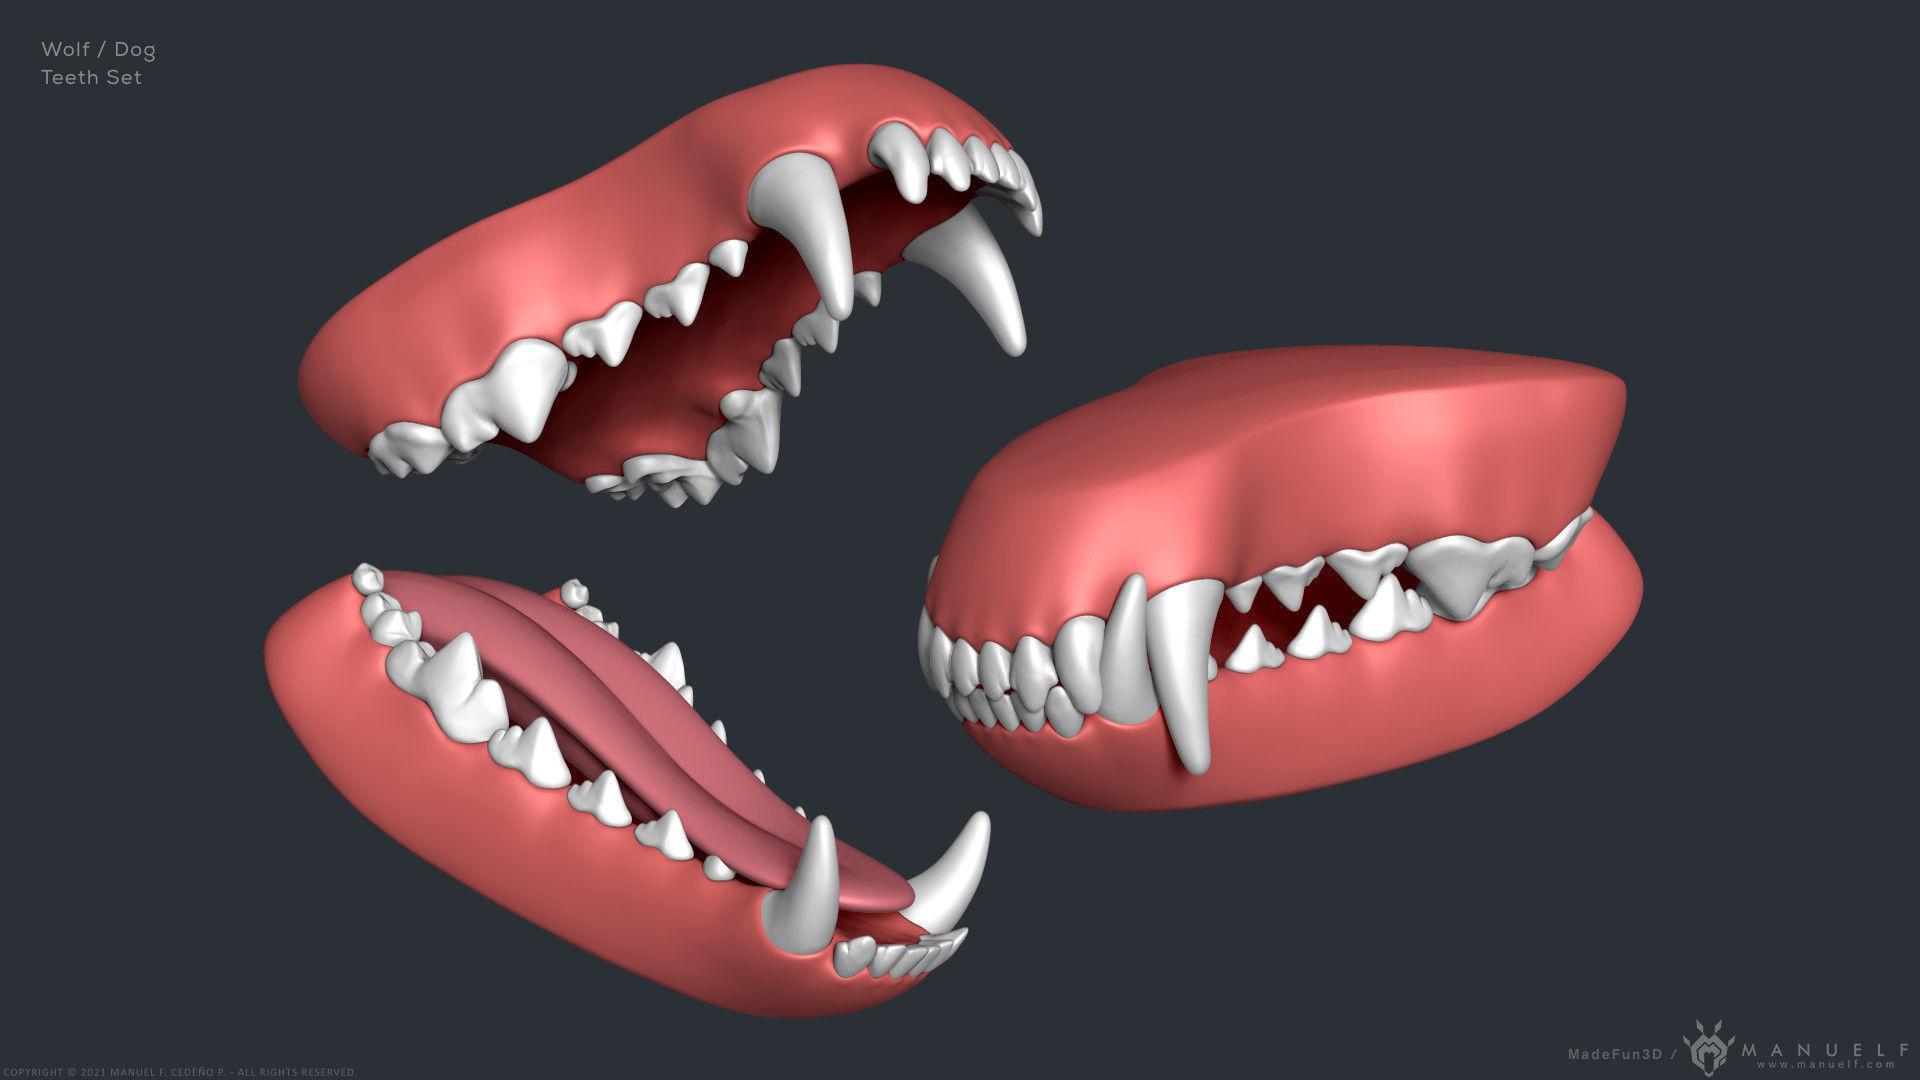 Wolf Dog Teeth Set